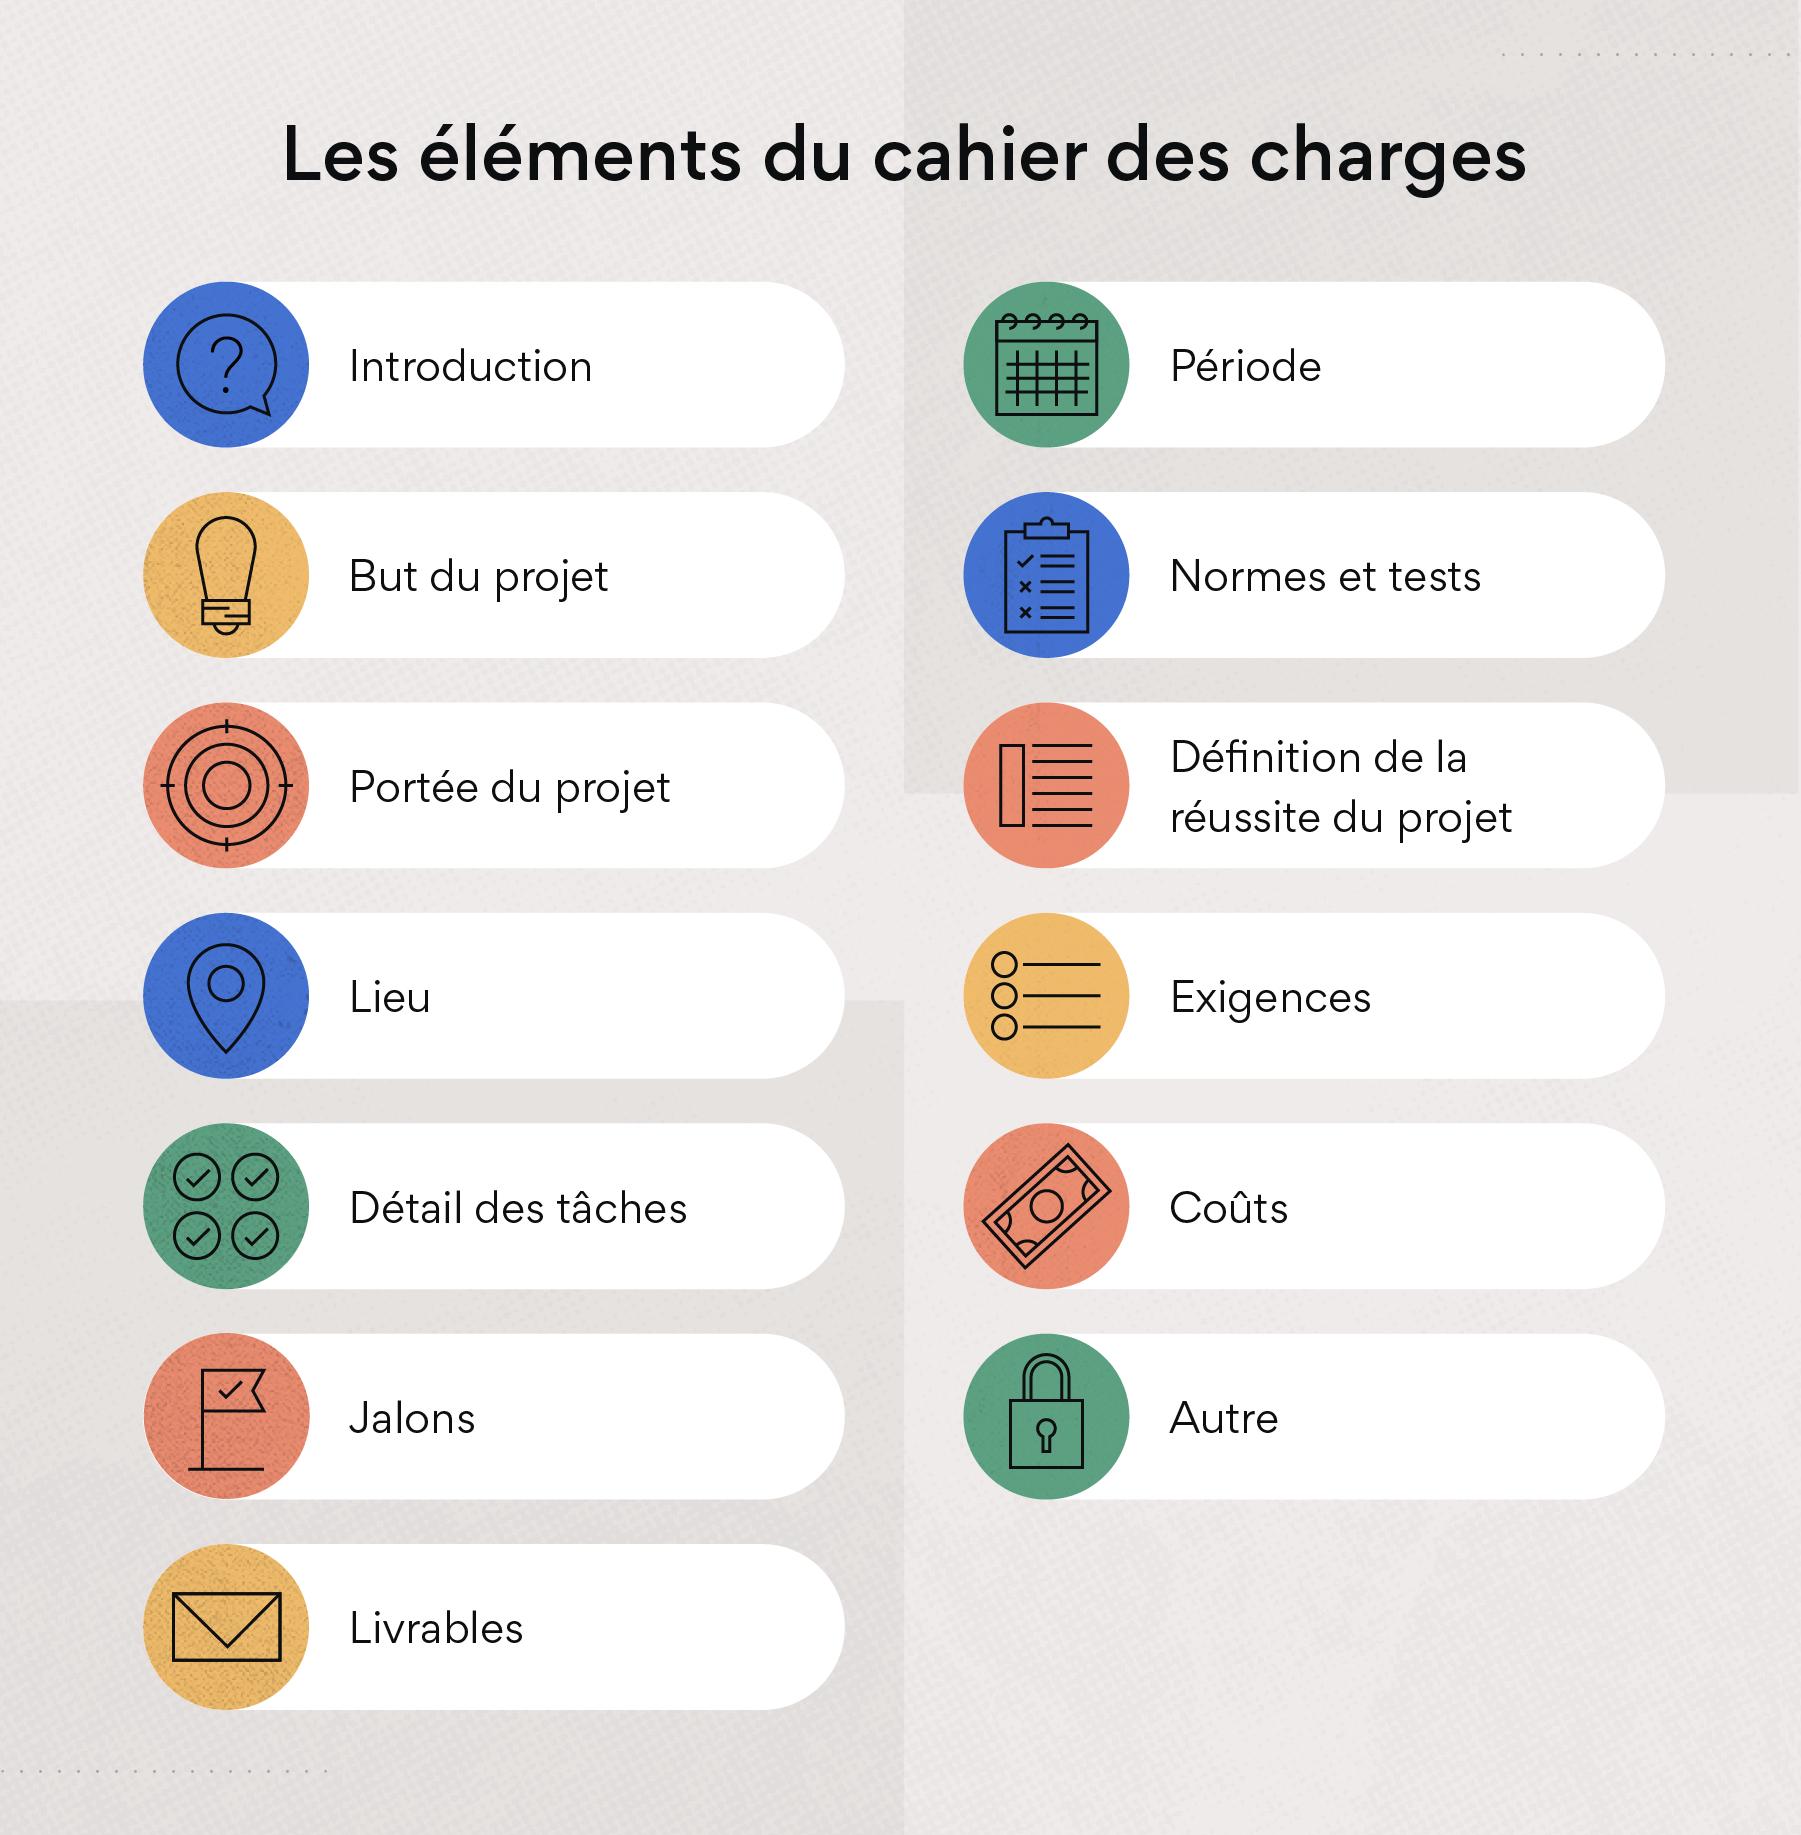 Les éléments du cahier des charges